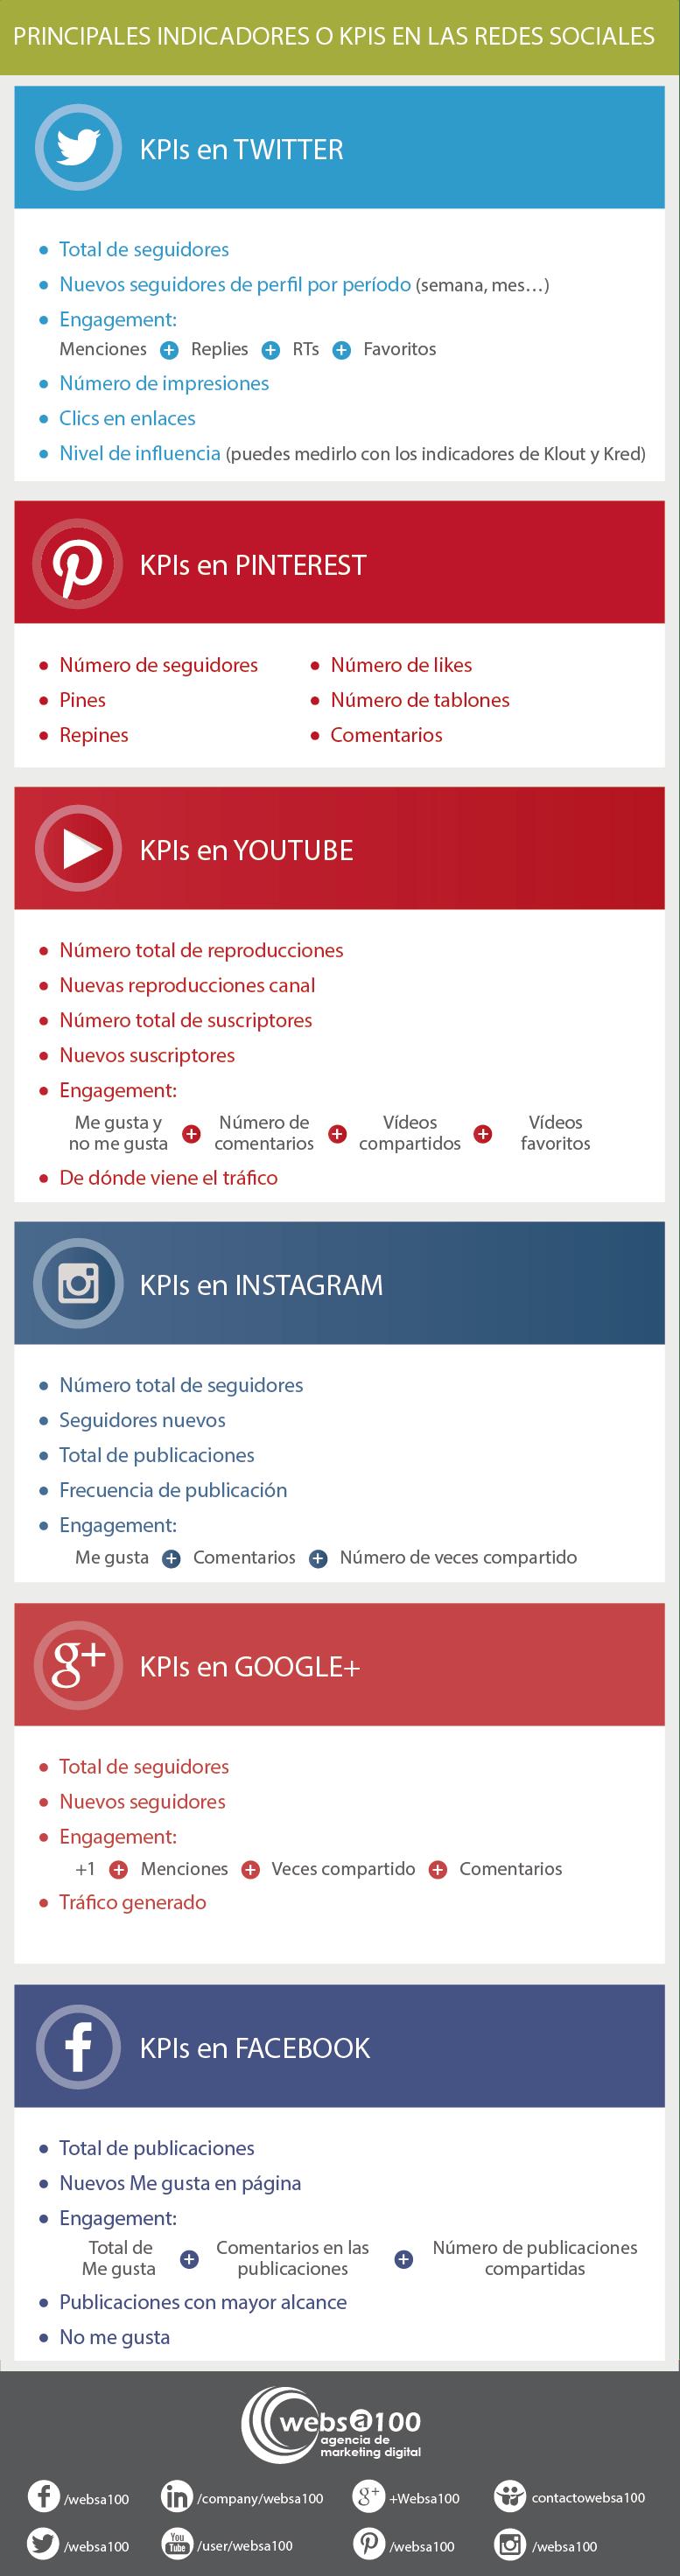 Infografía KPIs en Redes Sociales